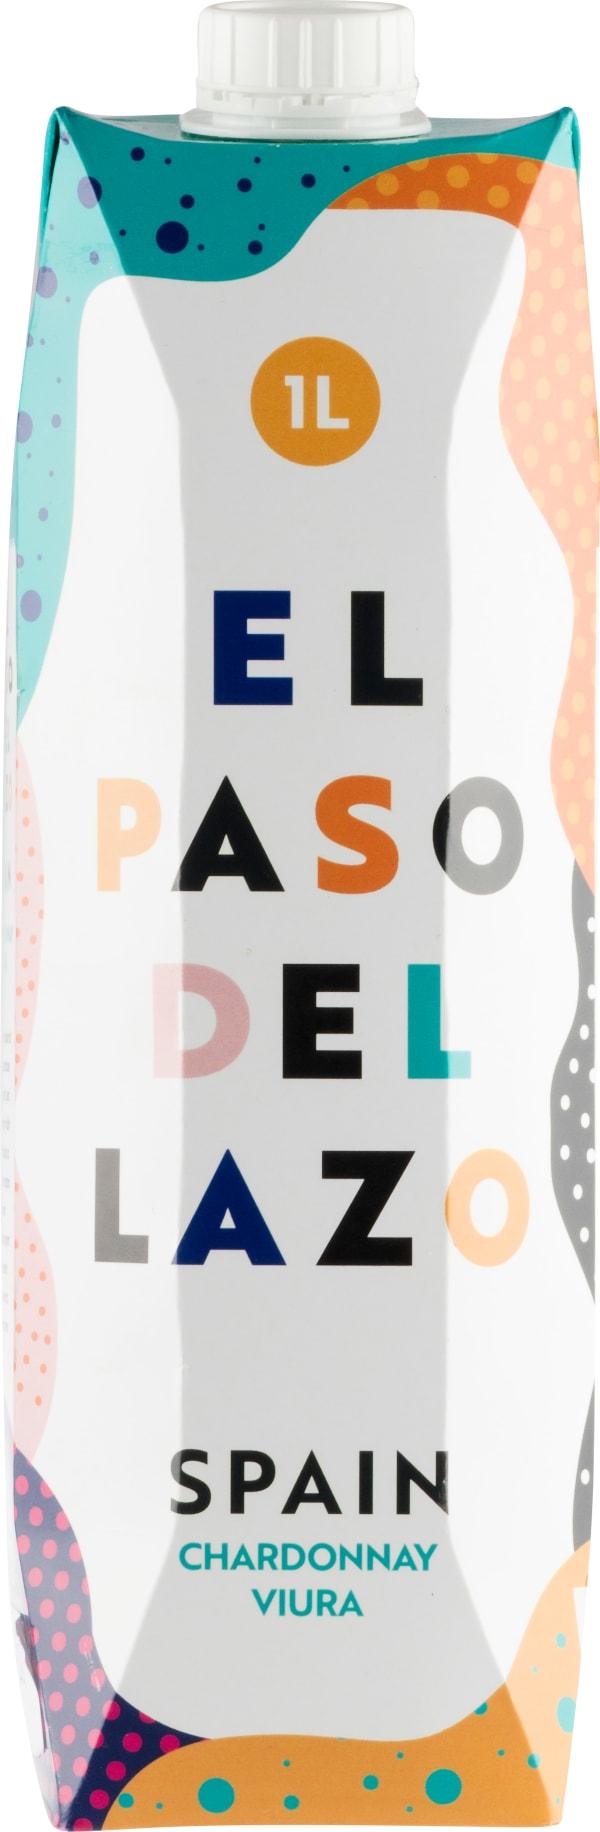 El Paso del Lazo Chardonnay Viura 2019 kartongförpackning